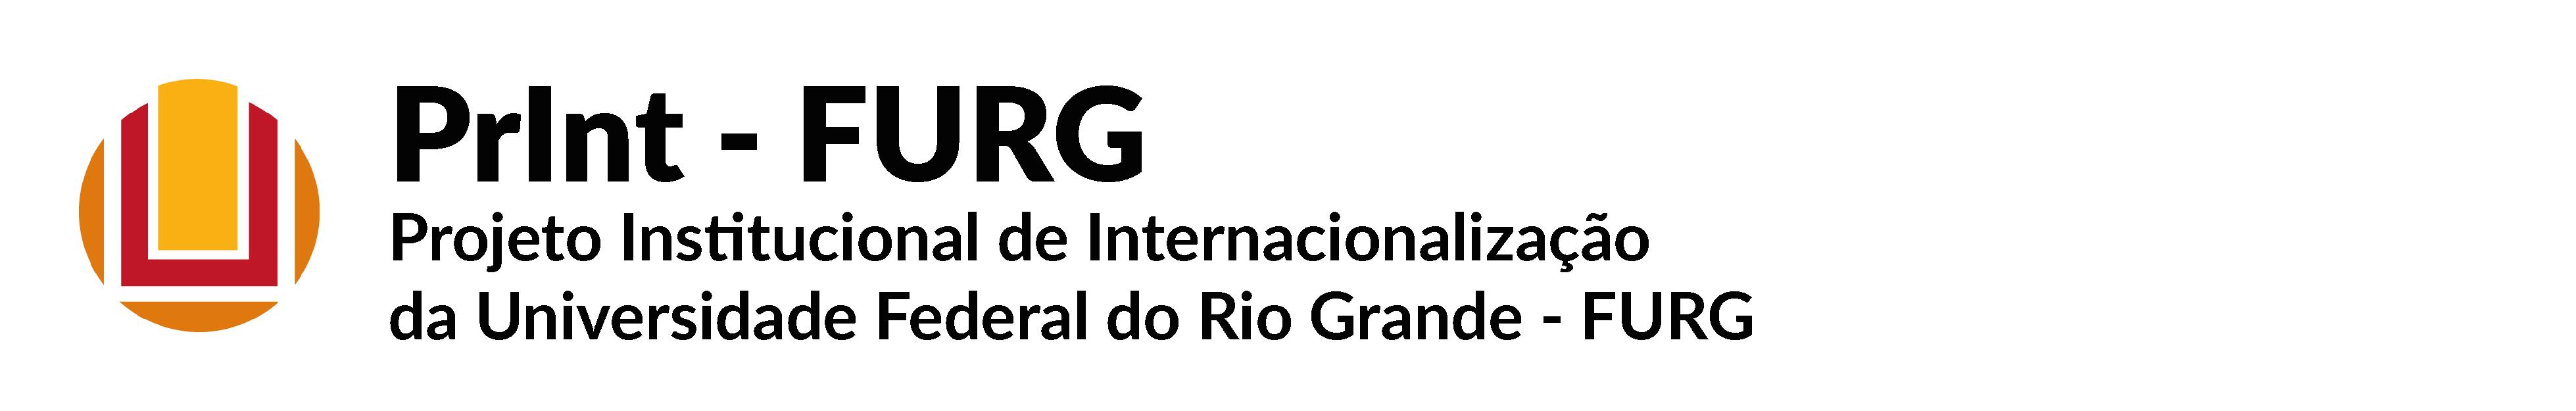 PrInt FURG - Projeto Institucional de Internacionalização da Universidade de Rio Grande